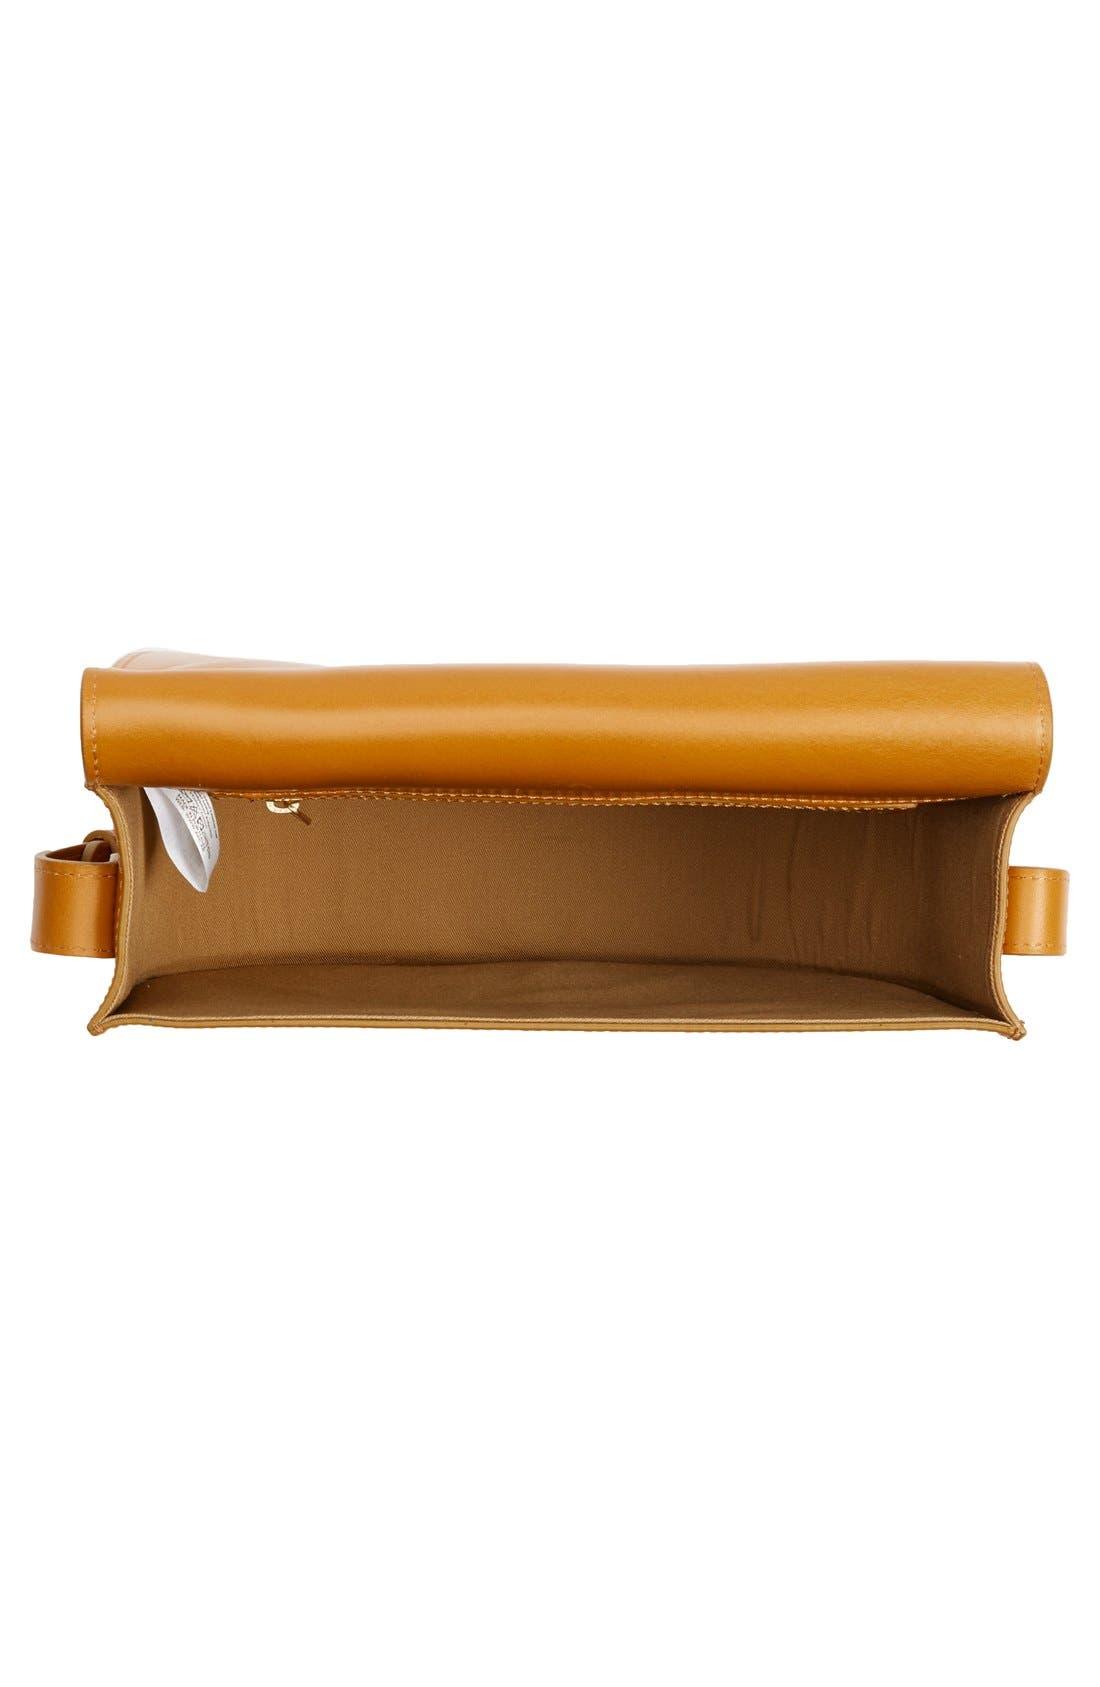 'Sac June' Leather Shoulder Bag,                             Alternate thumbnail 4, color,                             700